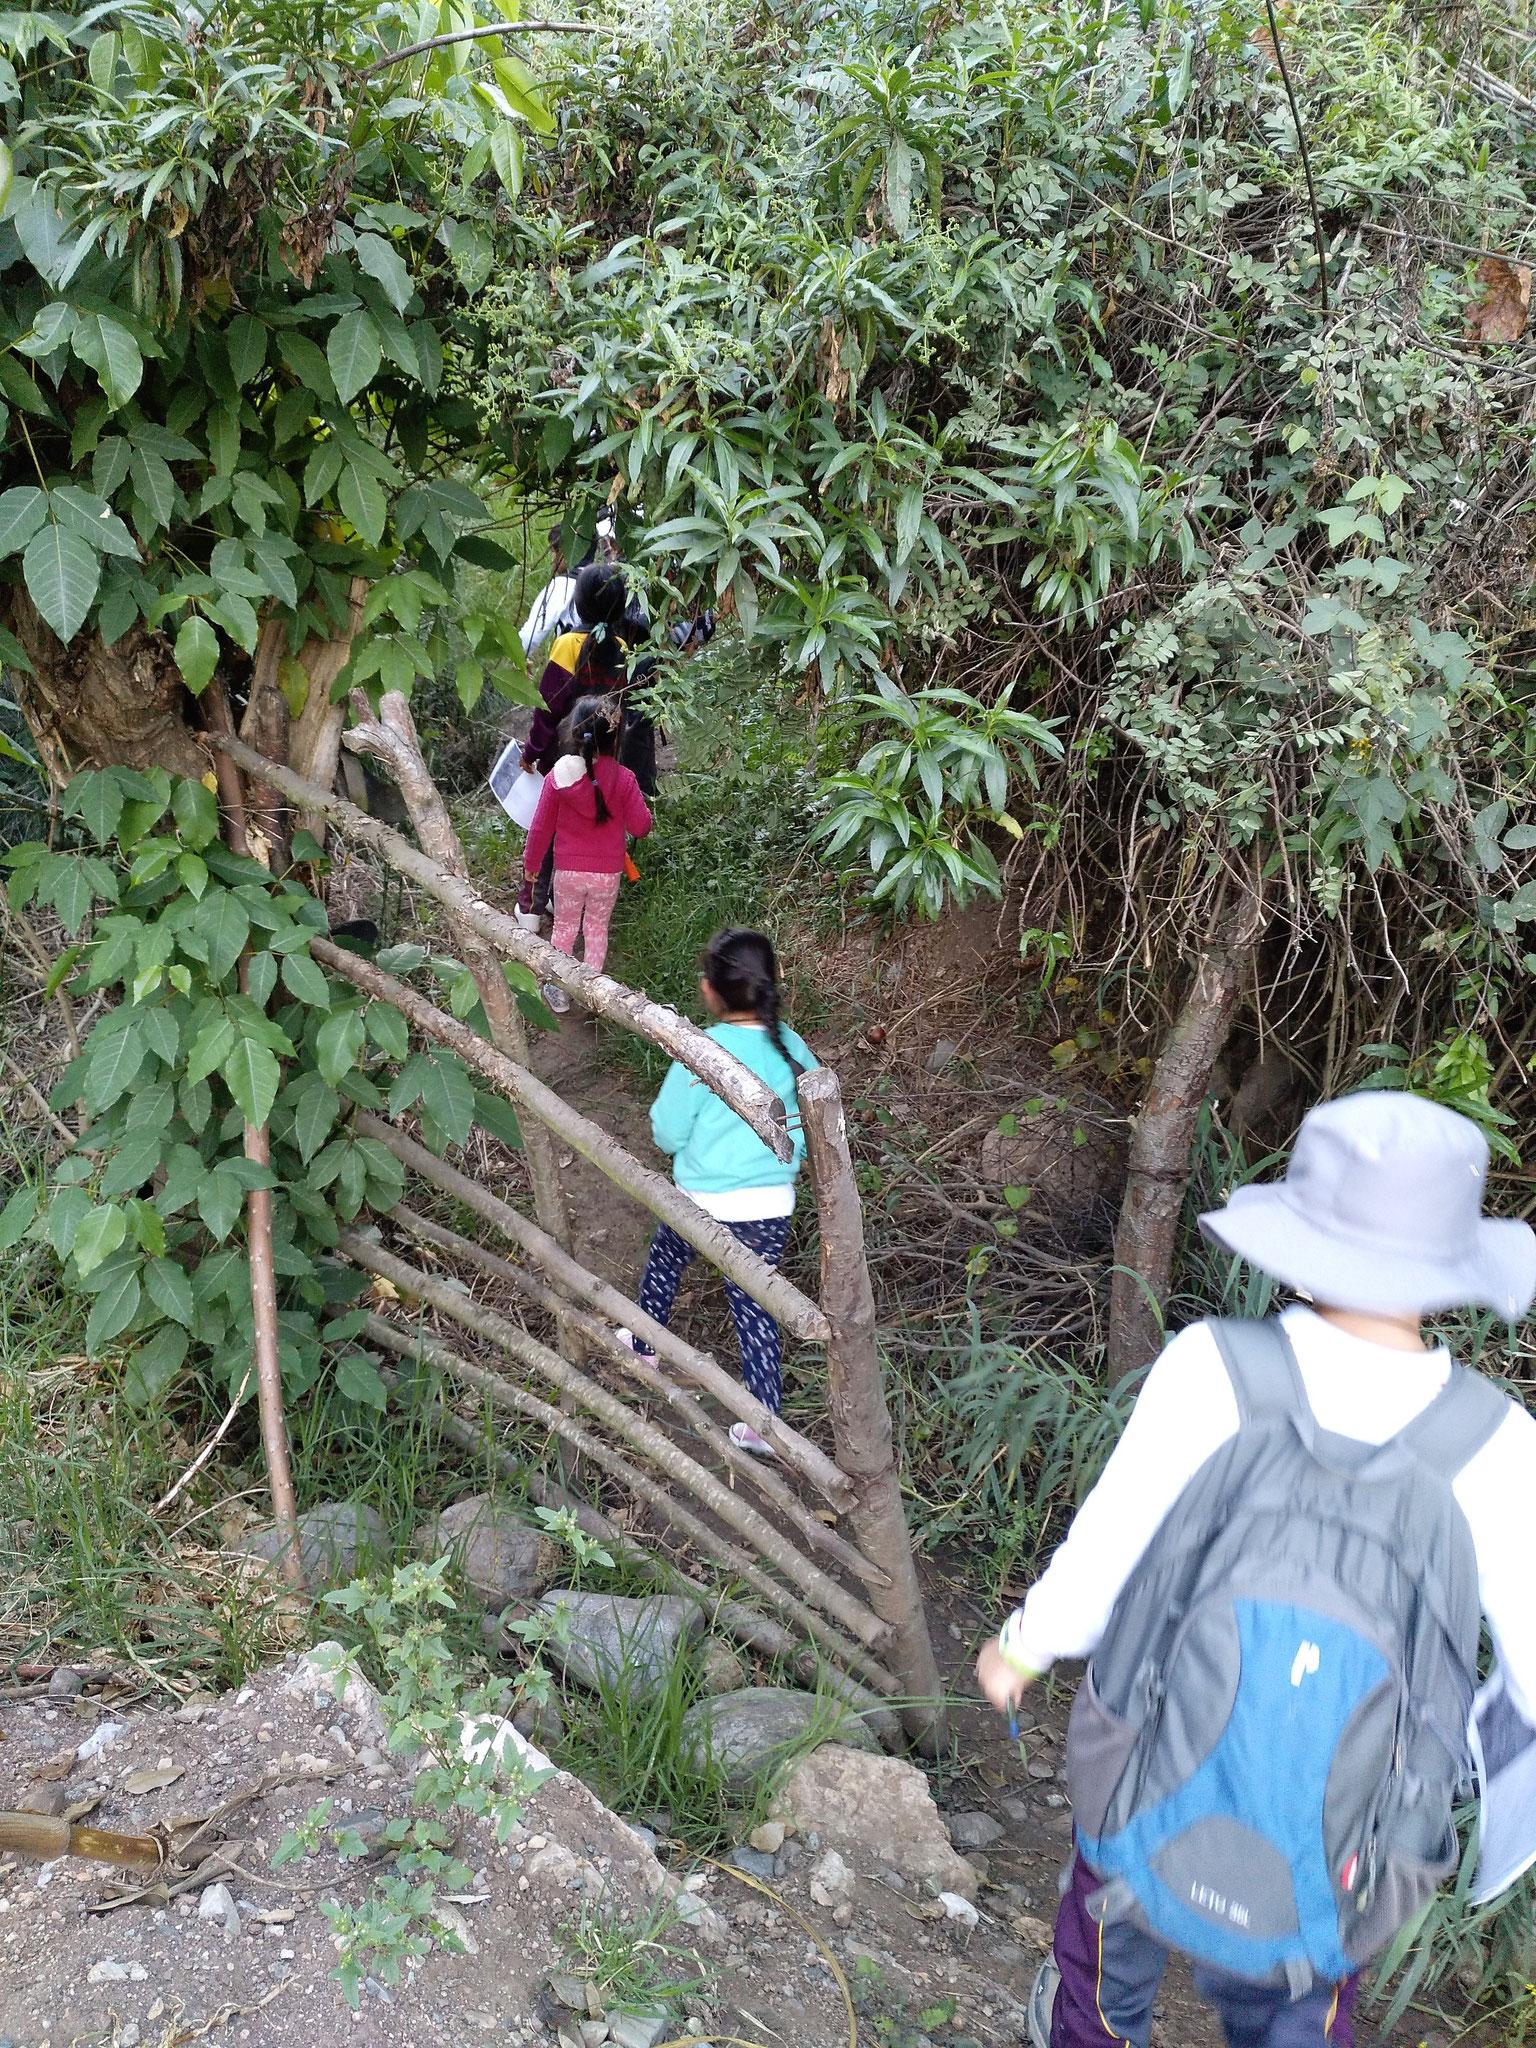 Jedes Kinder durfte an drei von acht Exkursionen teilnehmen